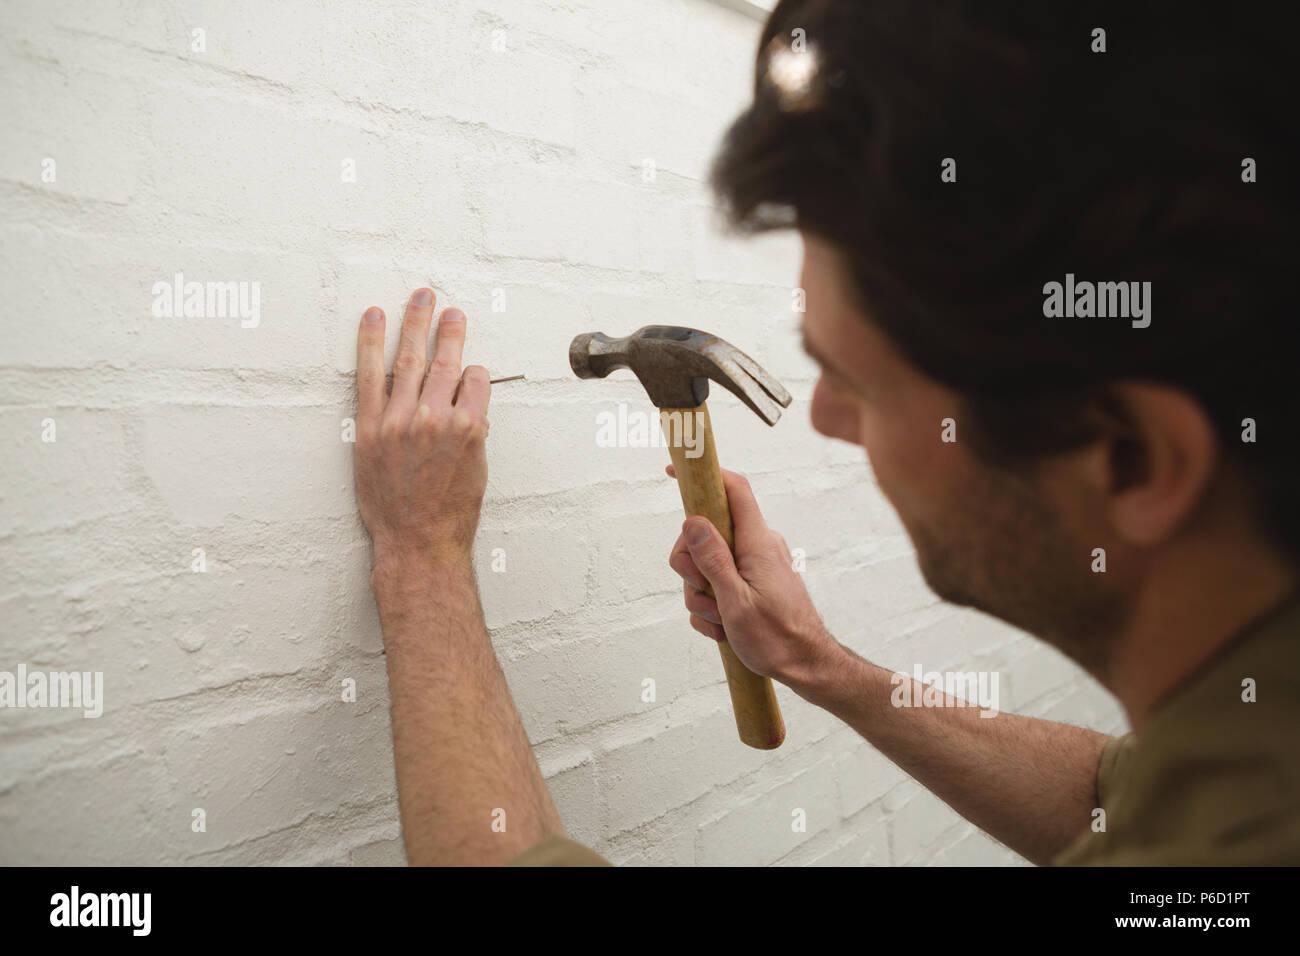 Carpintero macho martillando clavos en la pared Foto de stock